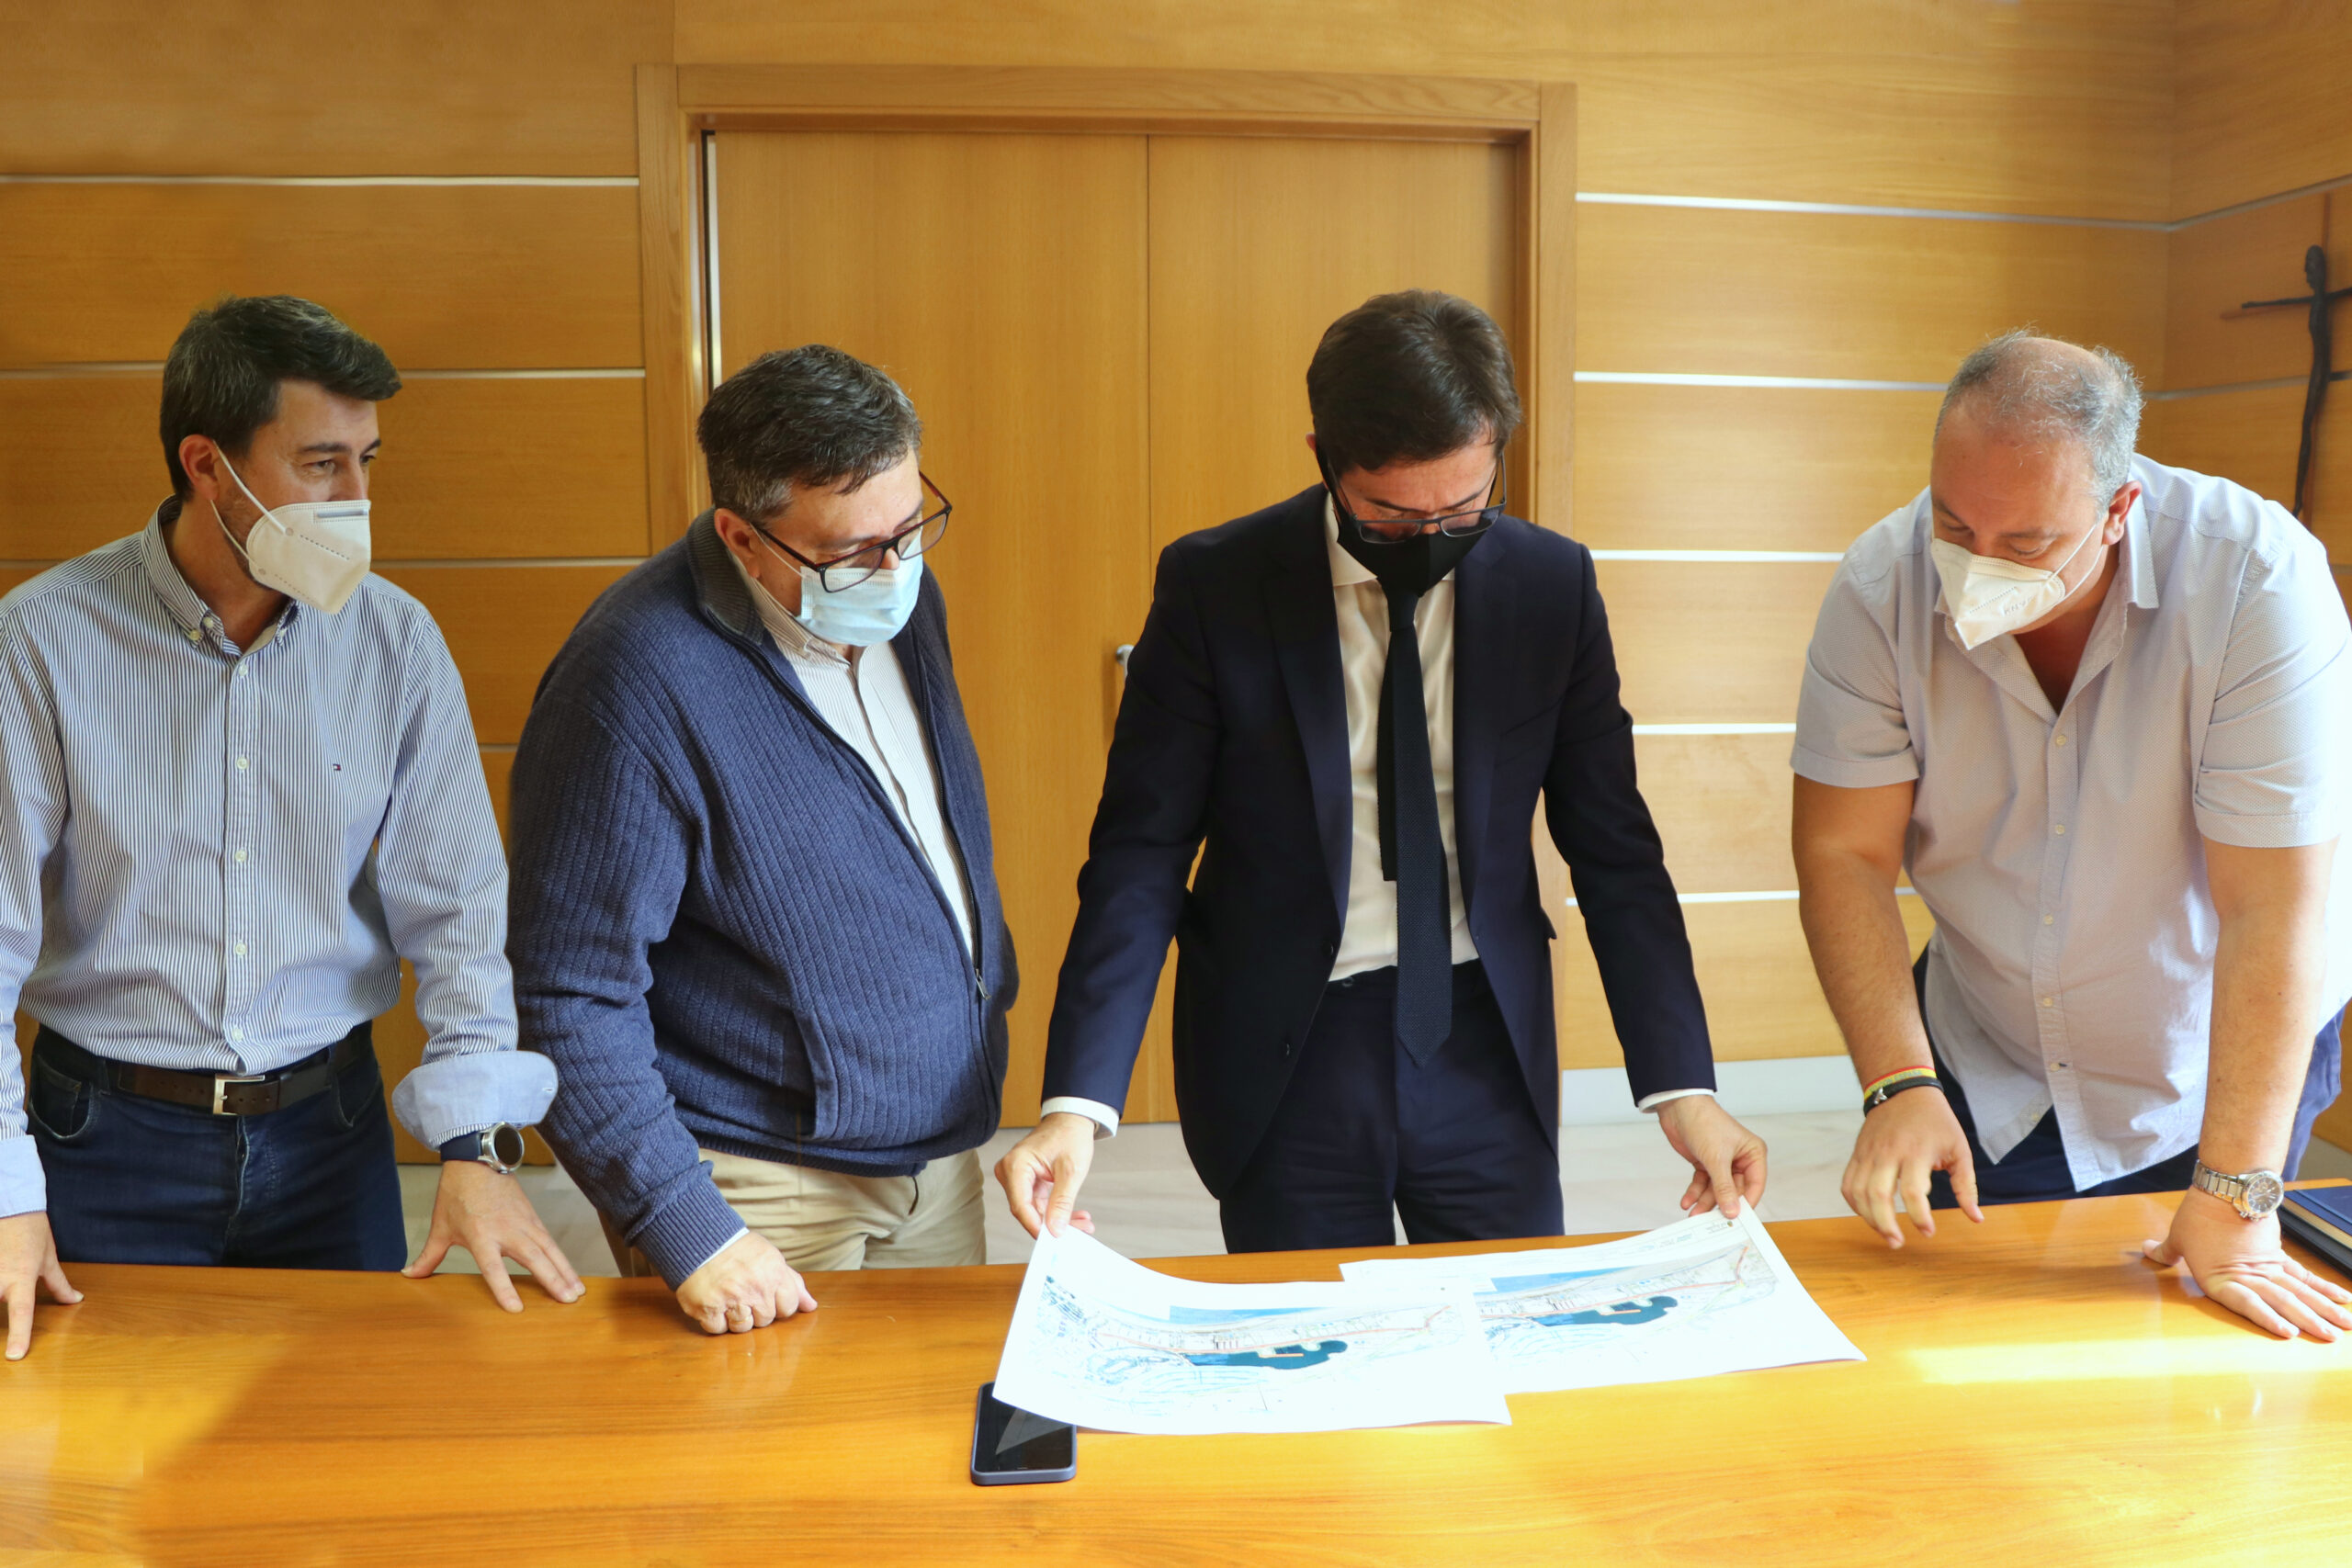 Almerimar contará con un depósito de agua potable con capacidad para 3.000 m3 que supondrá una inversión cercana a 1.000.000 de euros